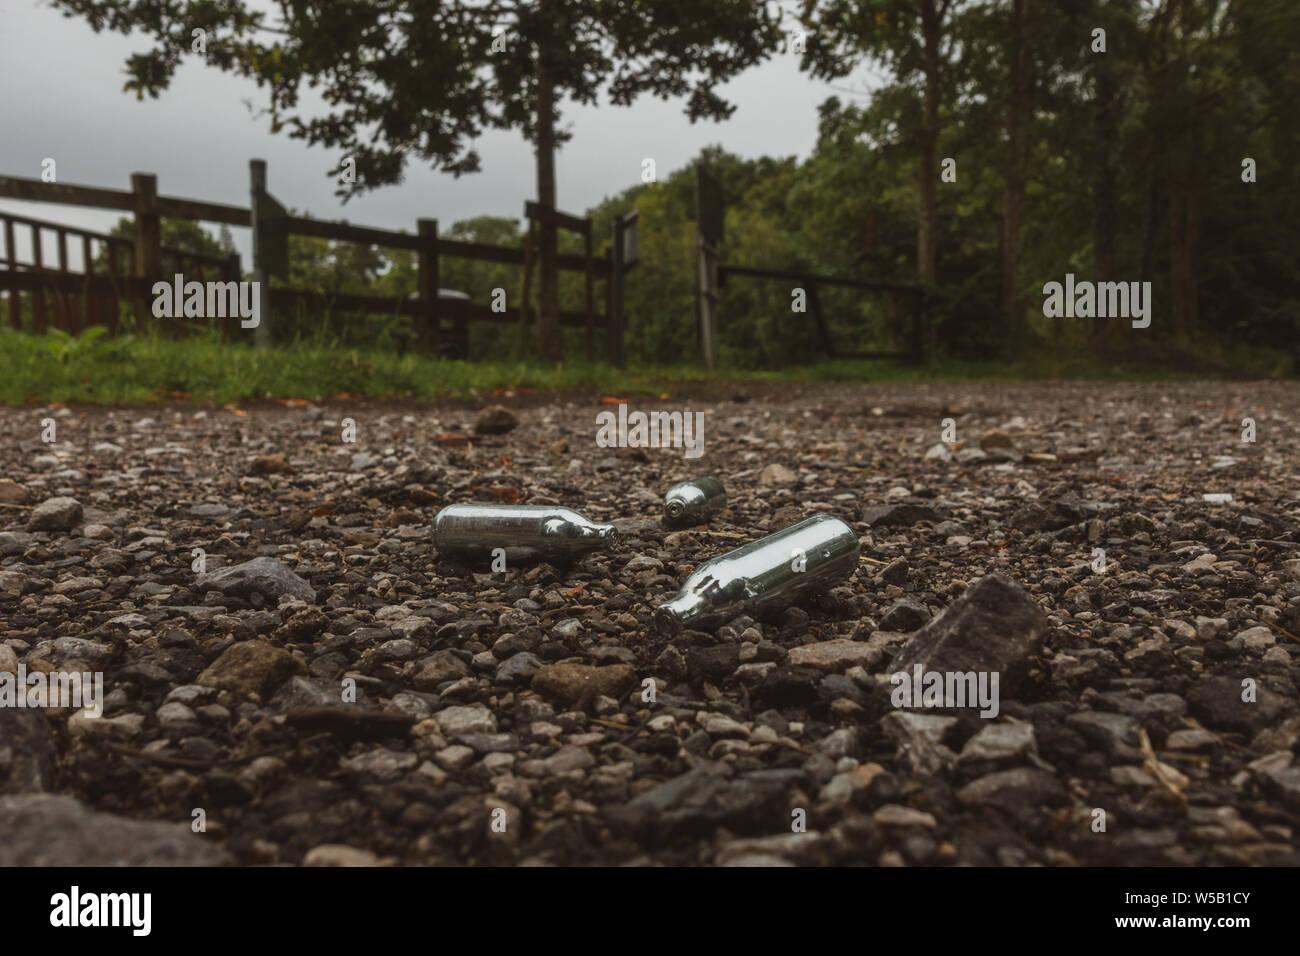 Gaz rejetés cannisters de gaz hilarant (protoxyde d'azote) utilisée comme drogue récréative, dans un parc, dans une zone rurale. UK Banque D'Images